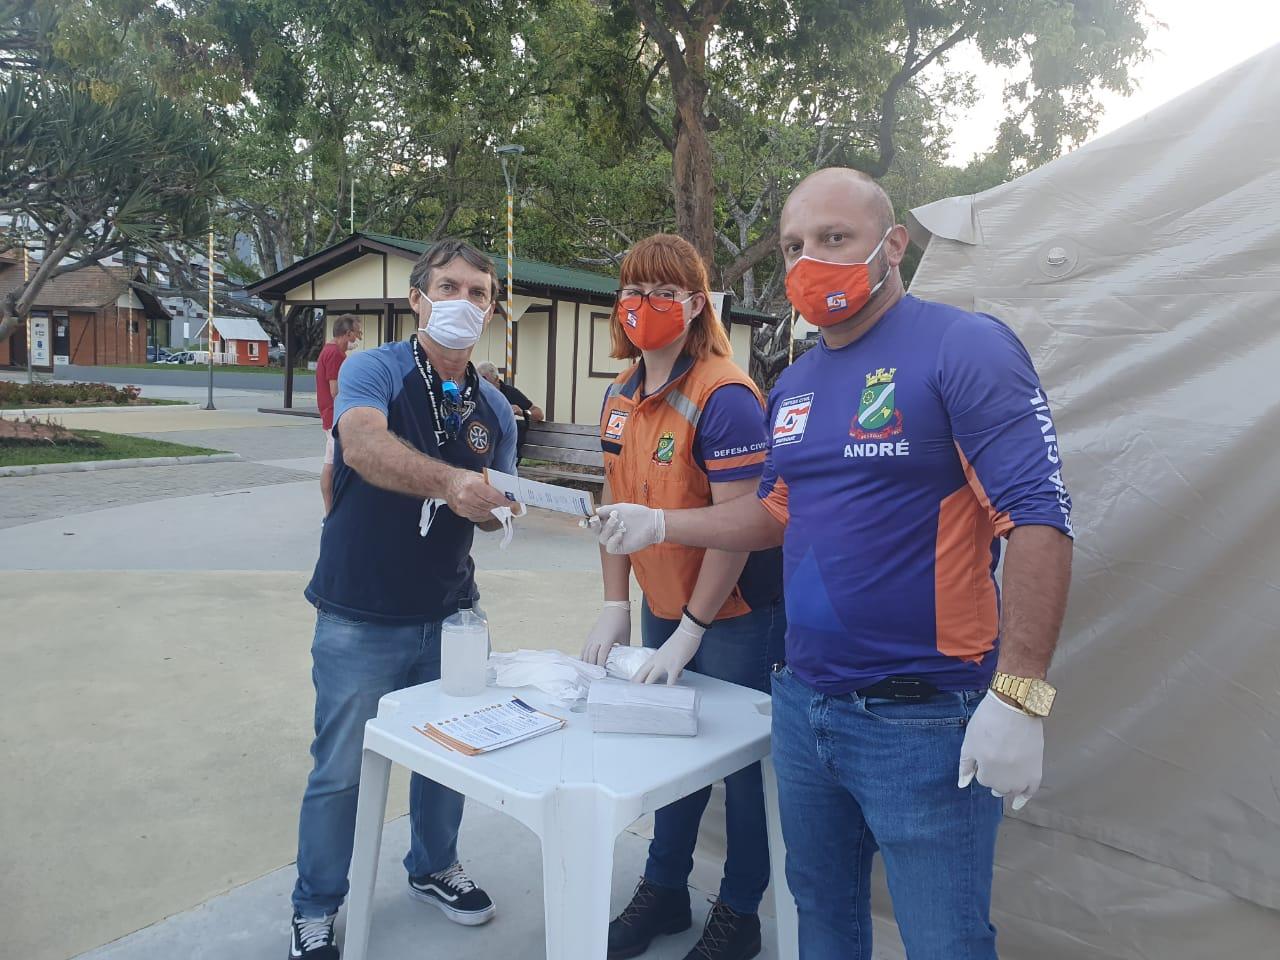 Prefeitura de Brusque vai distribuir 100 mil máscaras e estenderá isolamento para 28 dias para casos confirmados de Covid-19